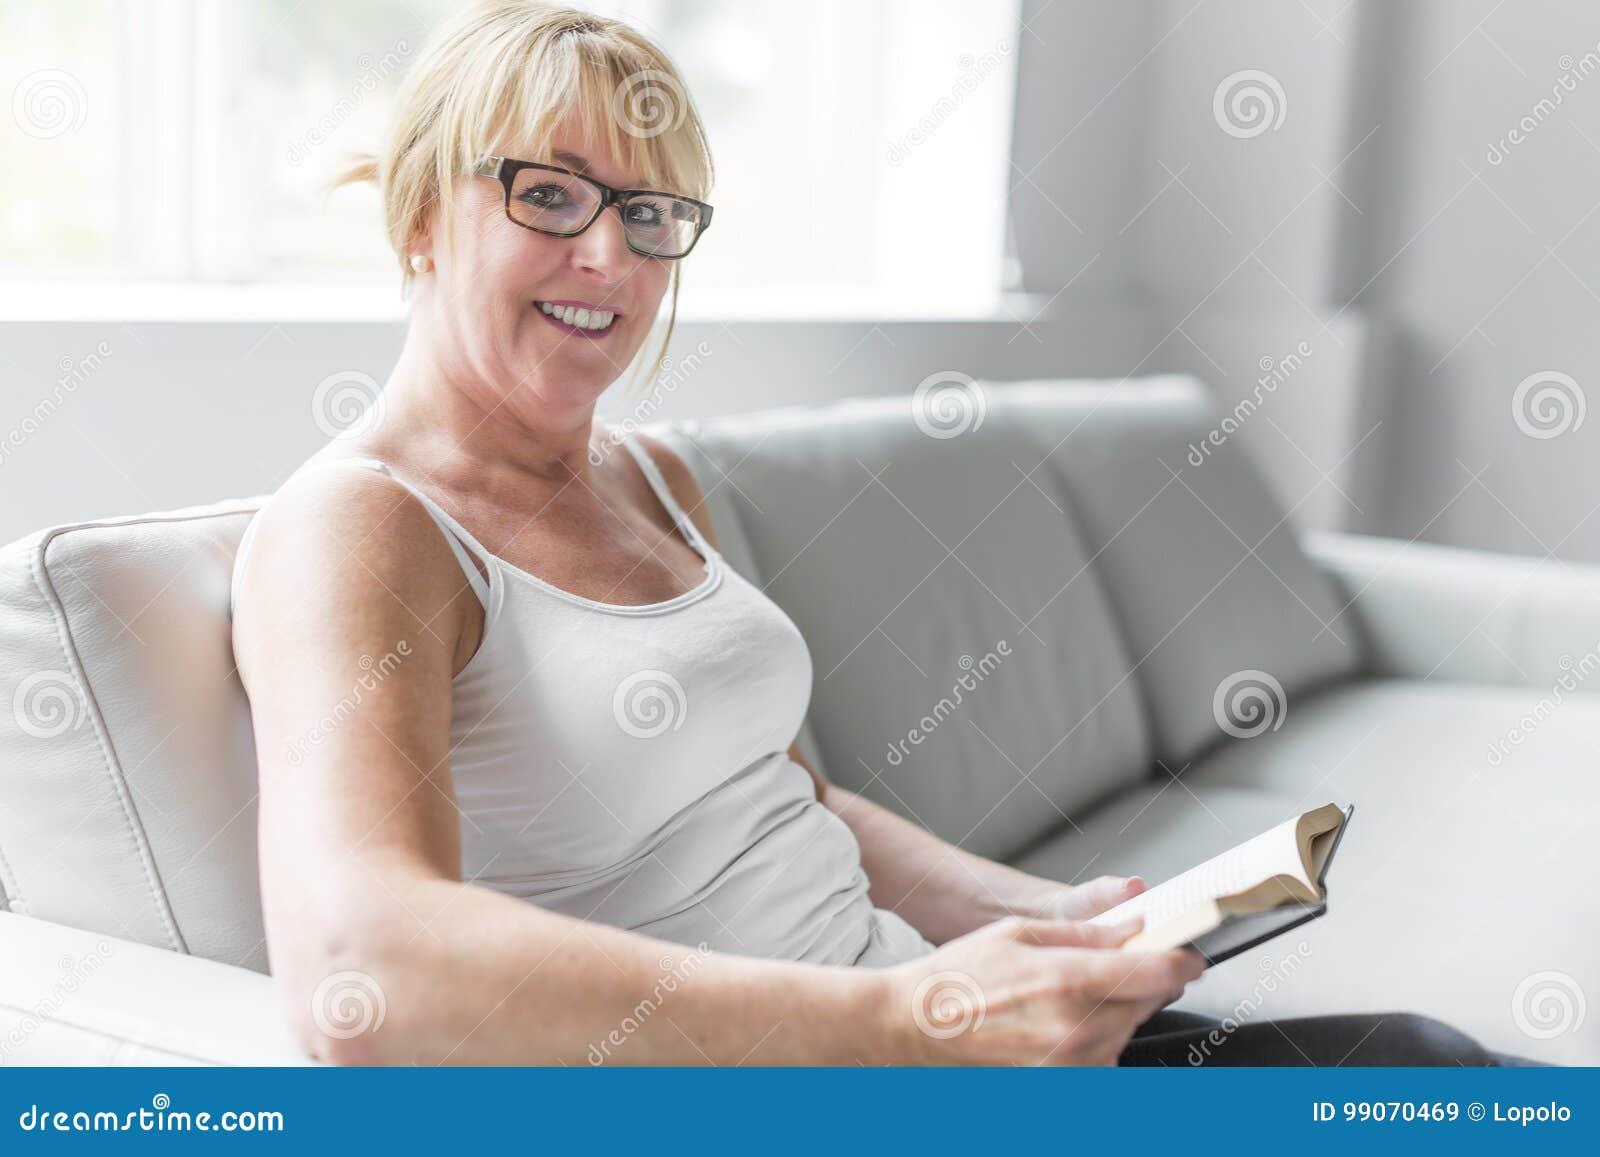 Tir d 39 une femme m re lisant son roman pr f r tandis qu 39 la maison dans le salon image stock - Regarder 7 a la maison gratuitement ...